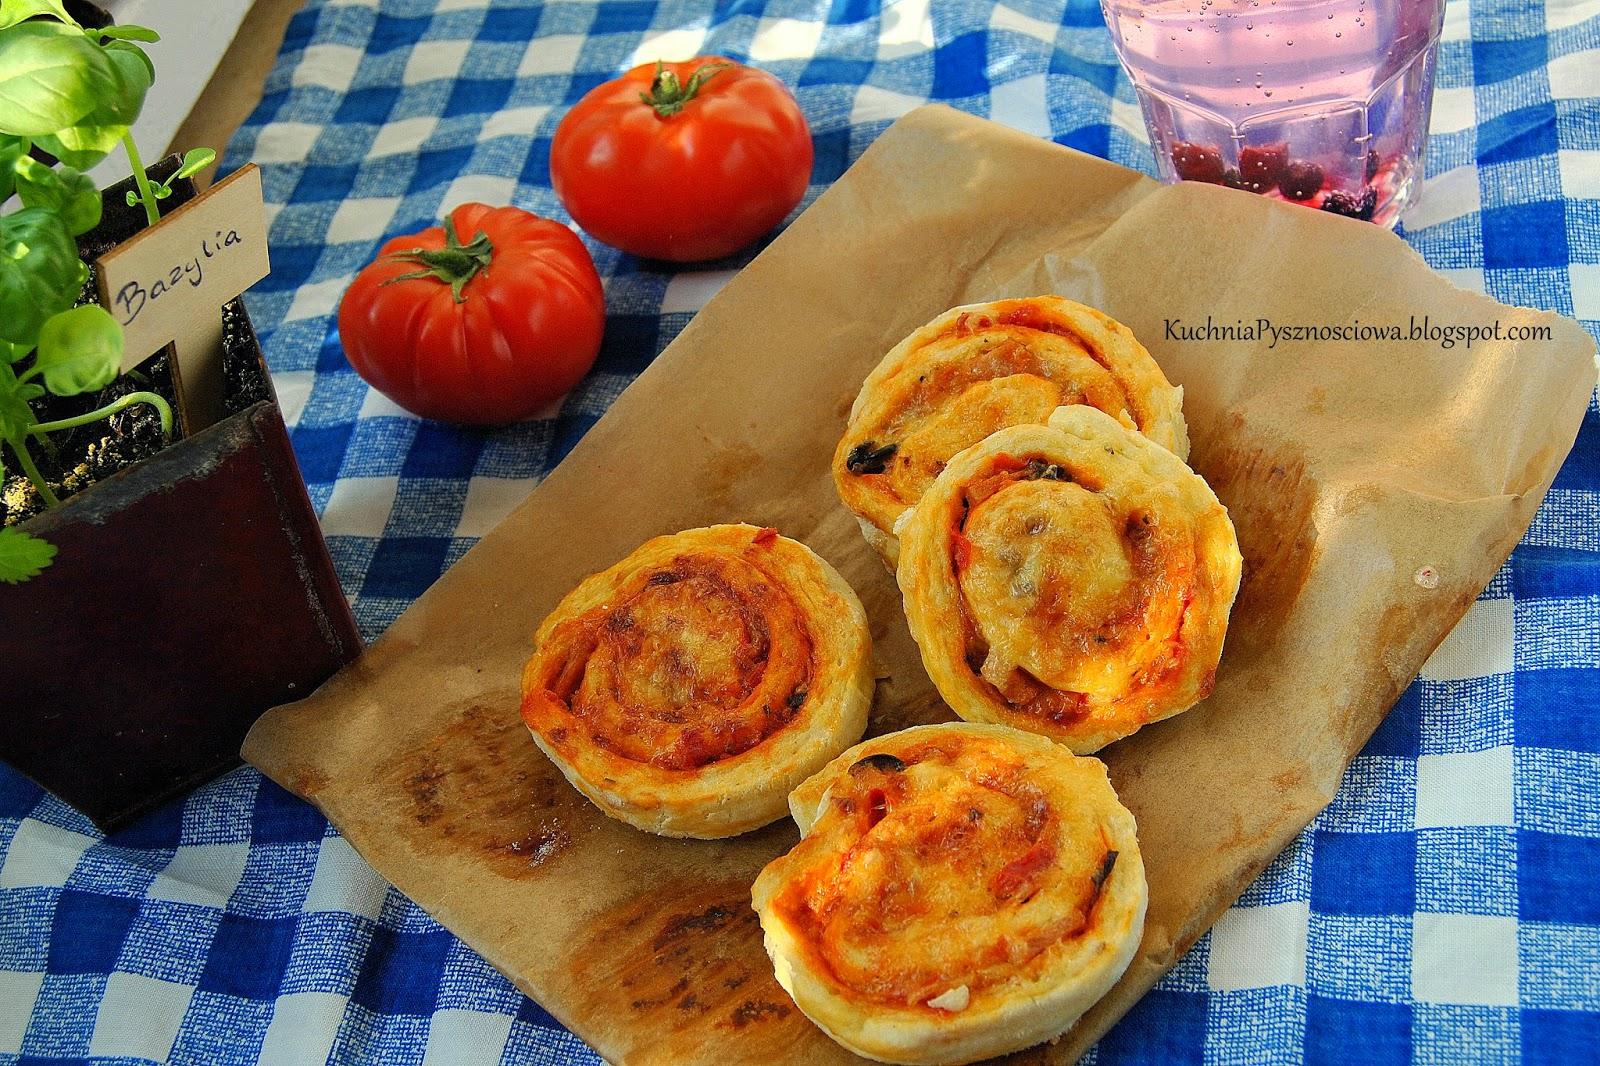 327. Pizzerinki, czyli ślimaczki z ciasta drożdżowego z nadzieniem do pizzy